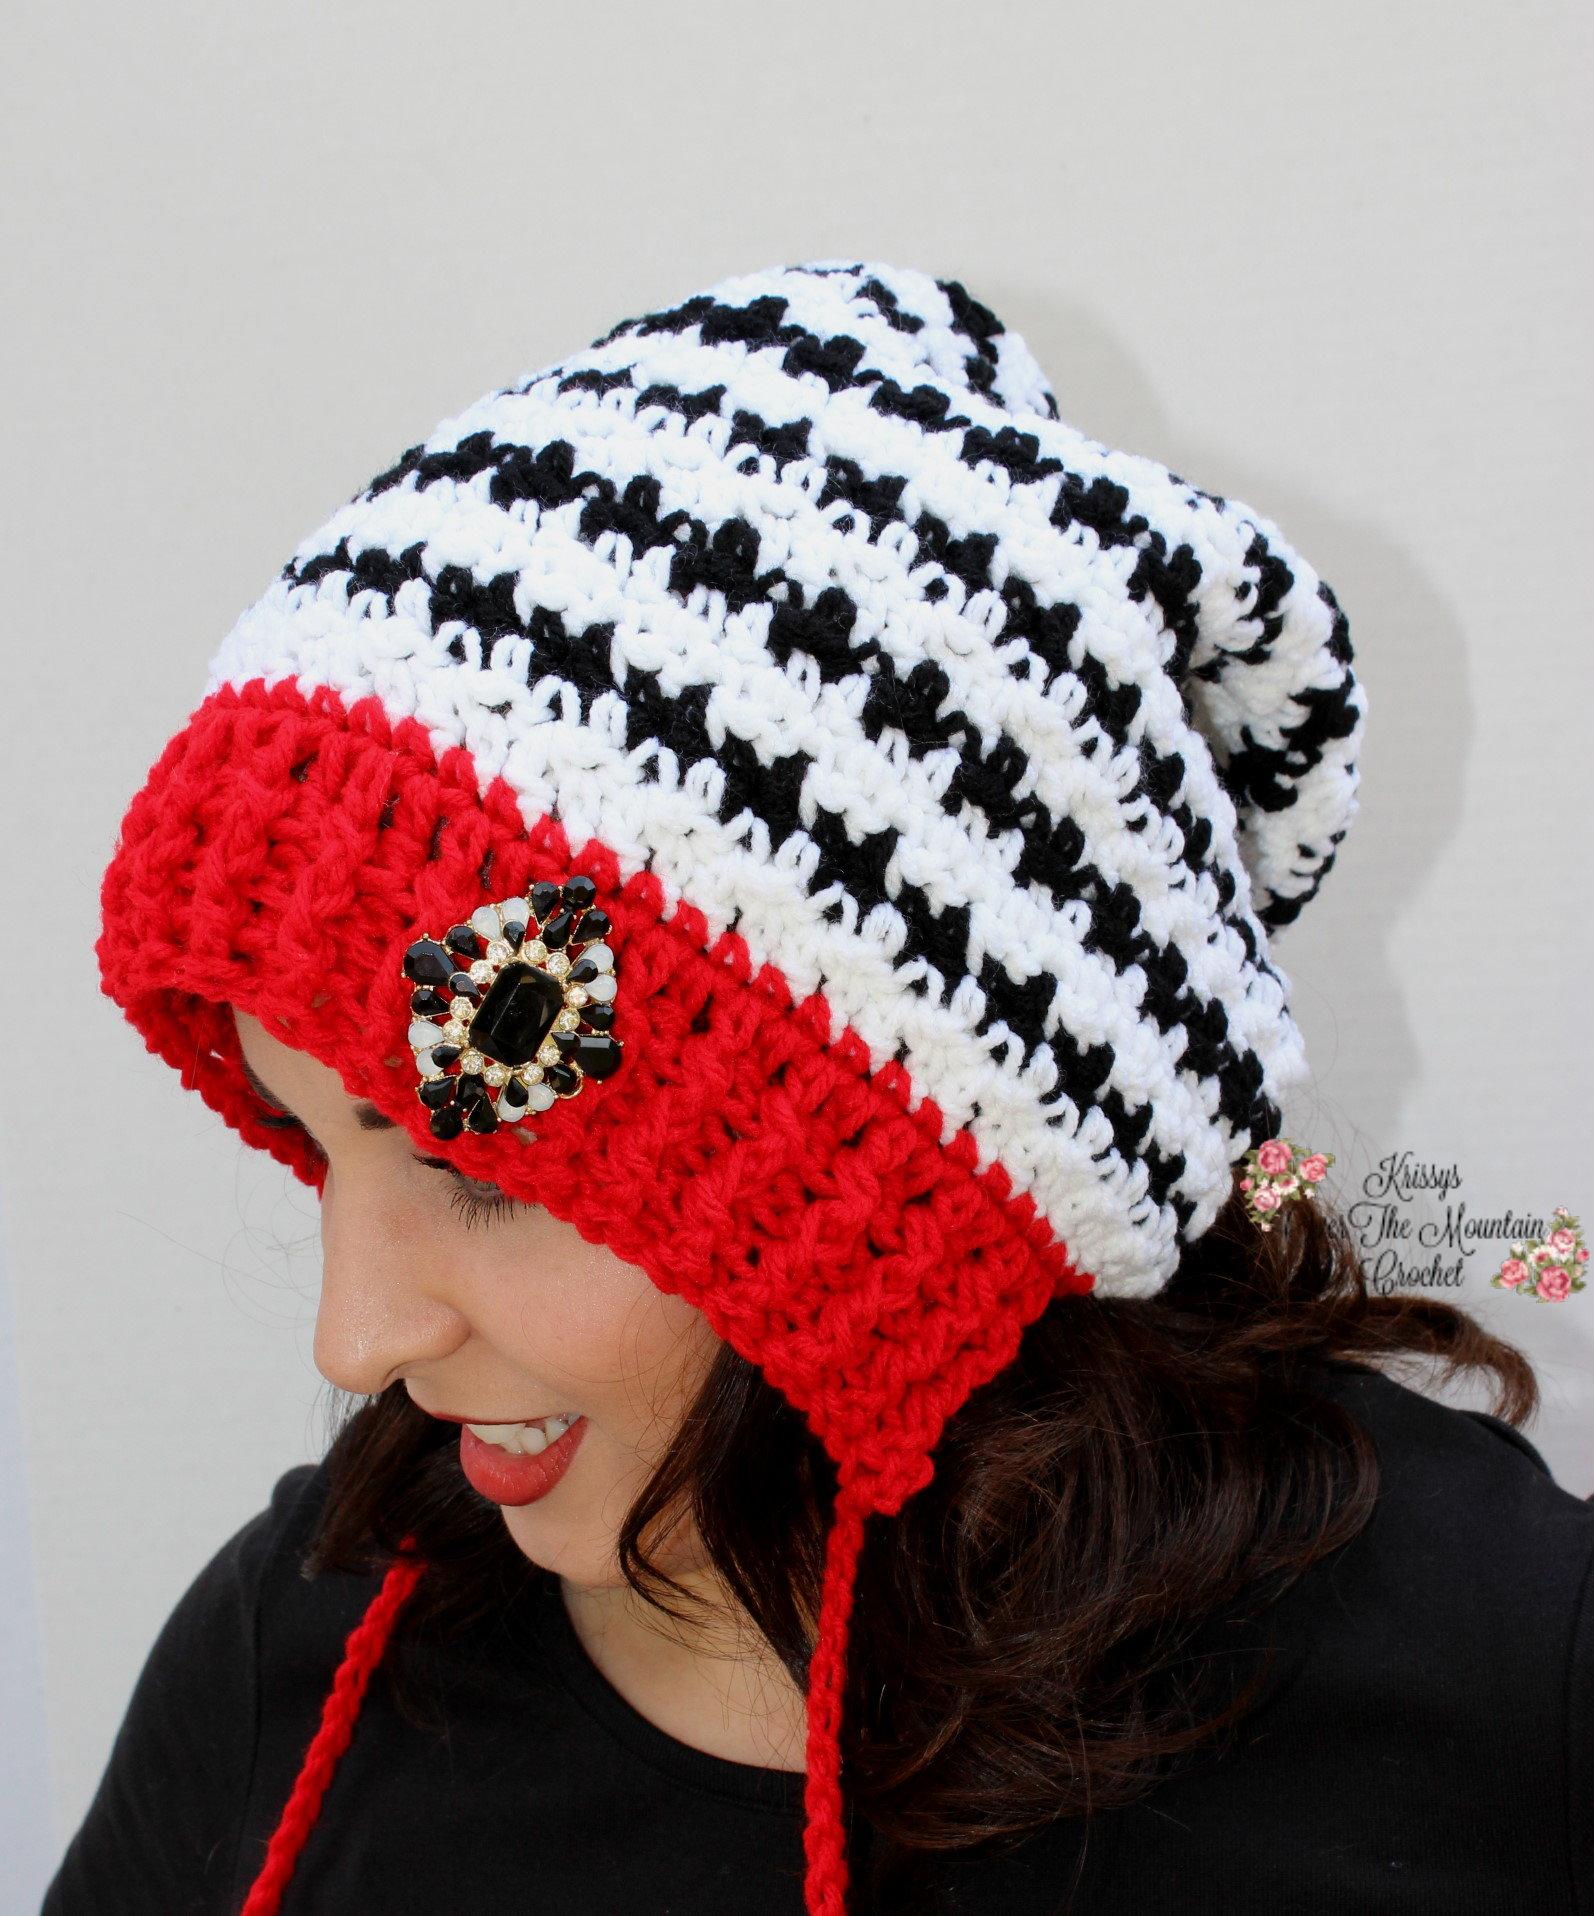 Monday's Free Crochet Pattern